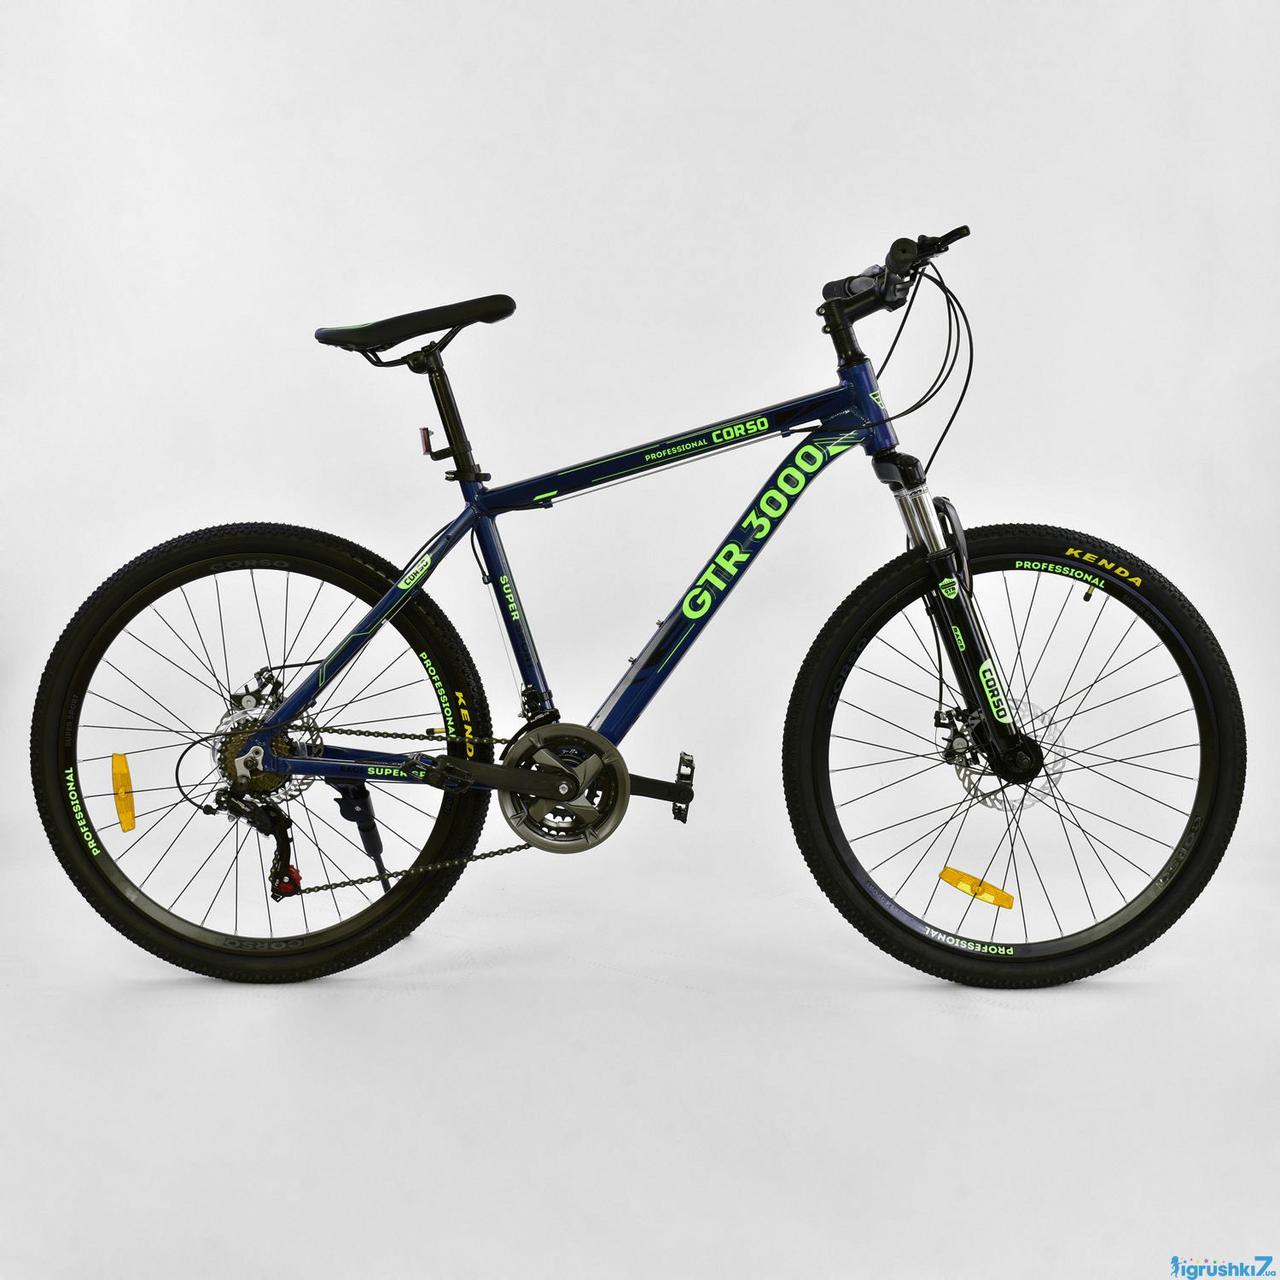 Спортивный алюминиевый велосипед 26 колеса 17 рама CORSO GTR-3000  переключатели Shimano